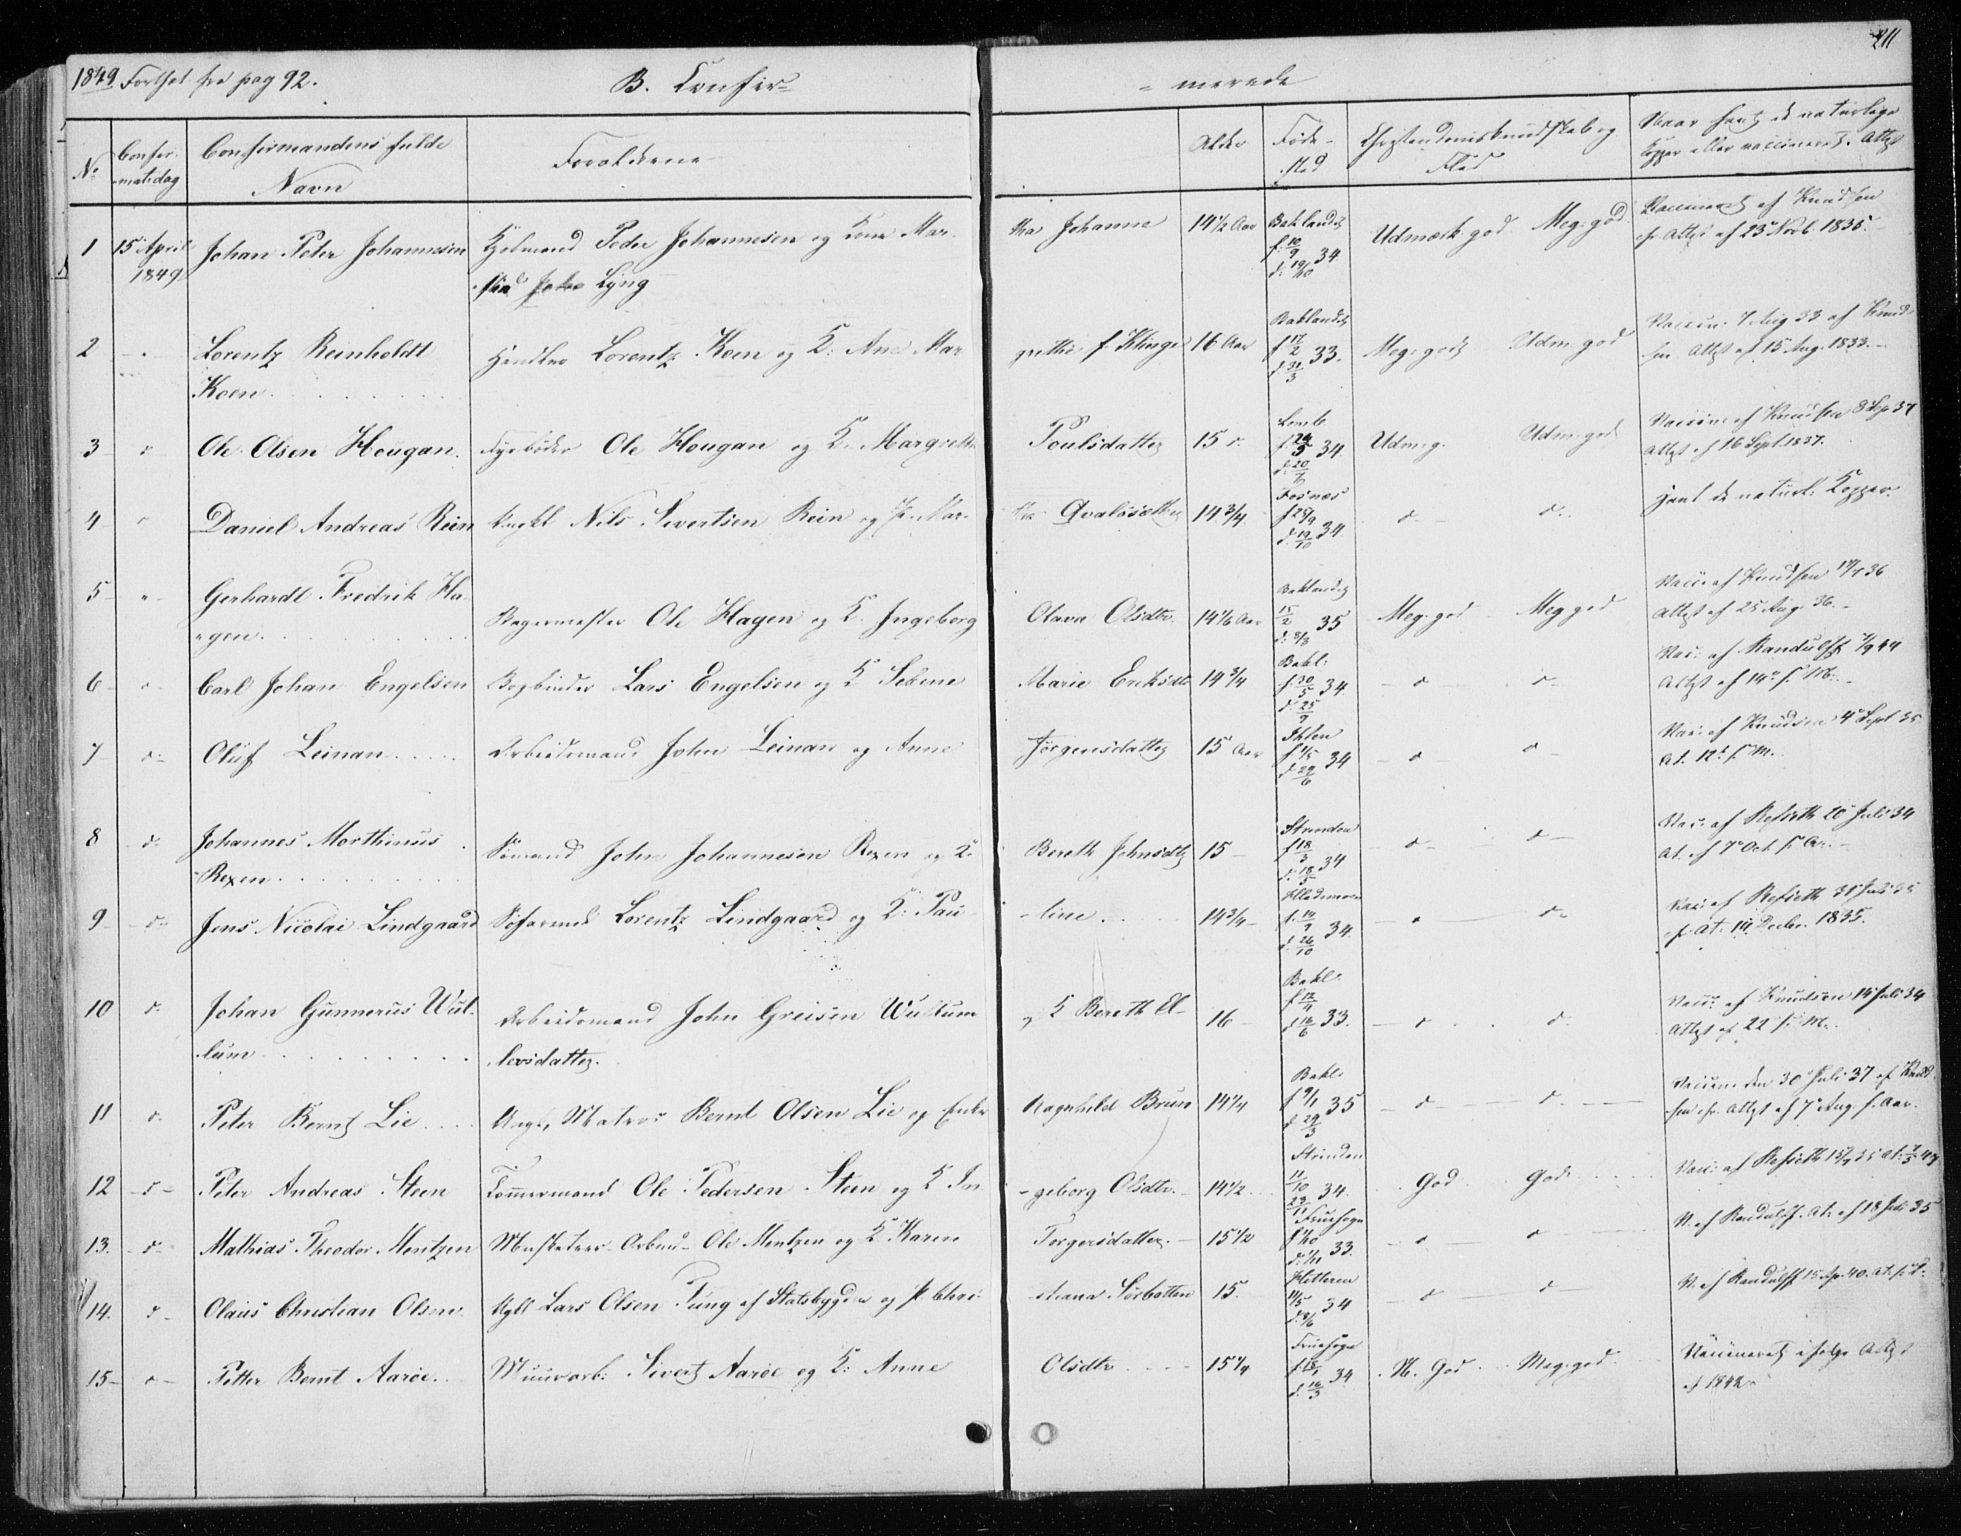 SAT, Ministerialprotokoller, klokkerbøker og fødselsregistre - Sør-Trøndelag, 604/L0183: Ministerialbok nr. 604A04, 1841-1850, s. 211